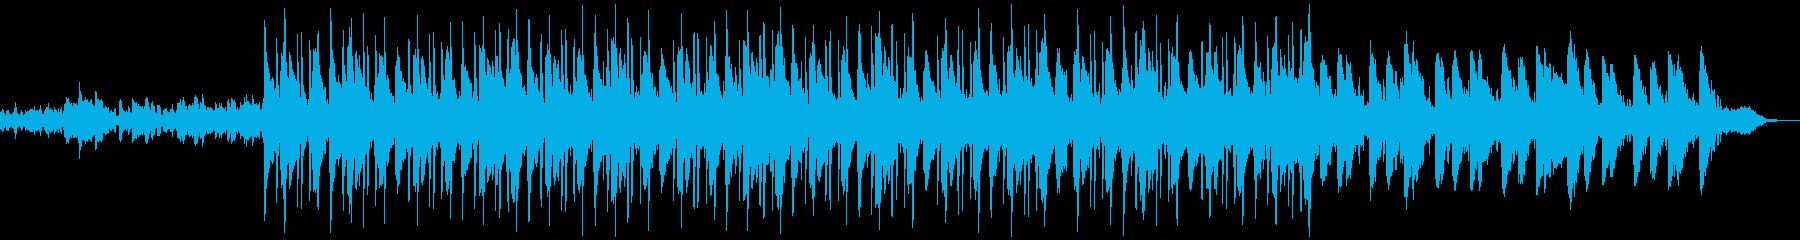 チルホップ落ち着いたスタディビートの再生済みの波形